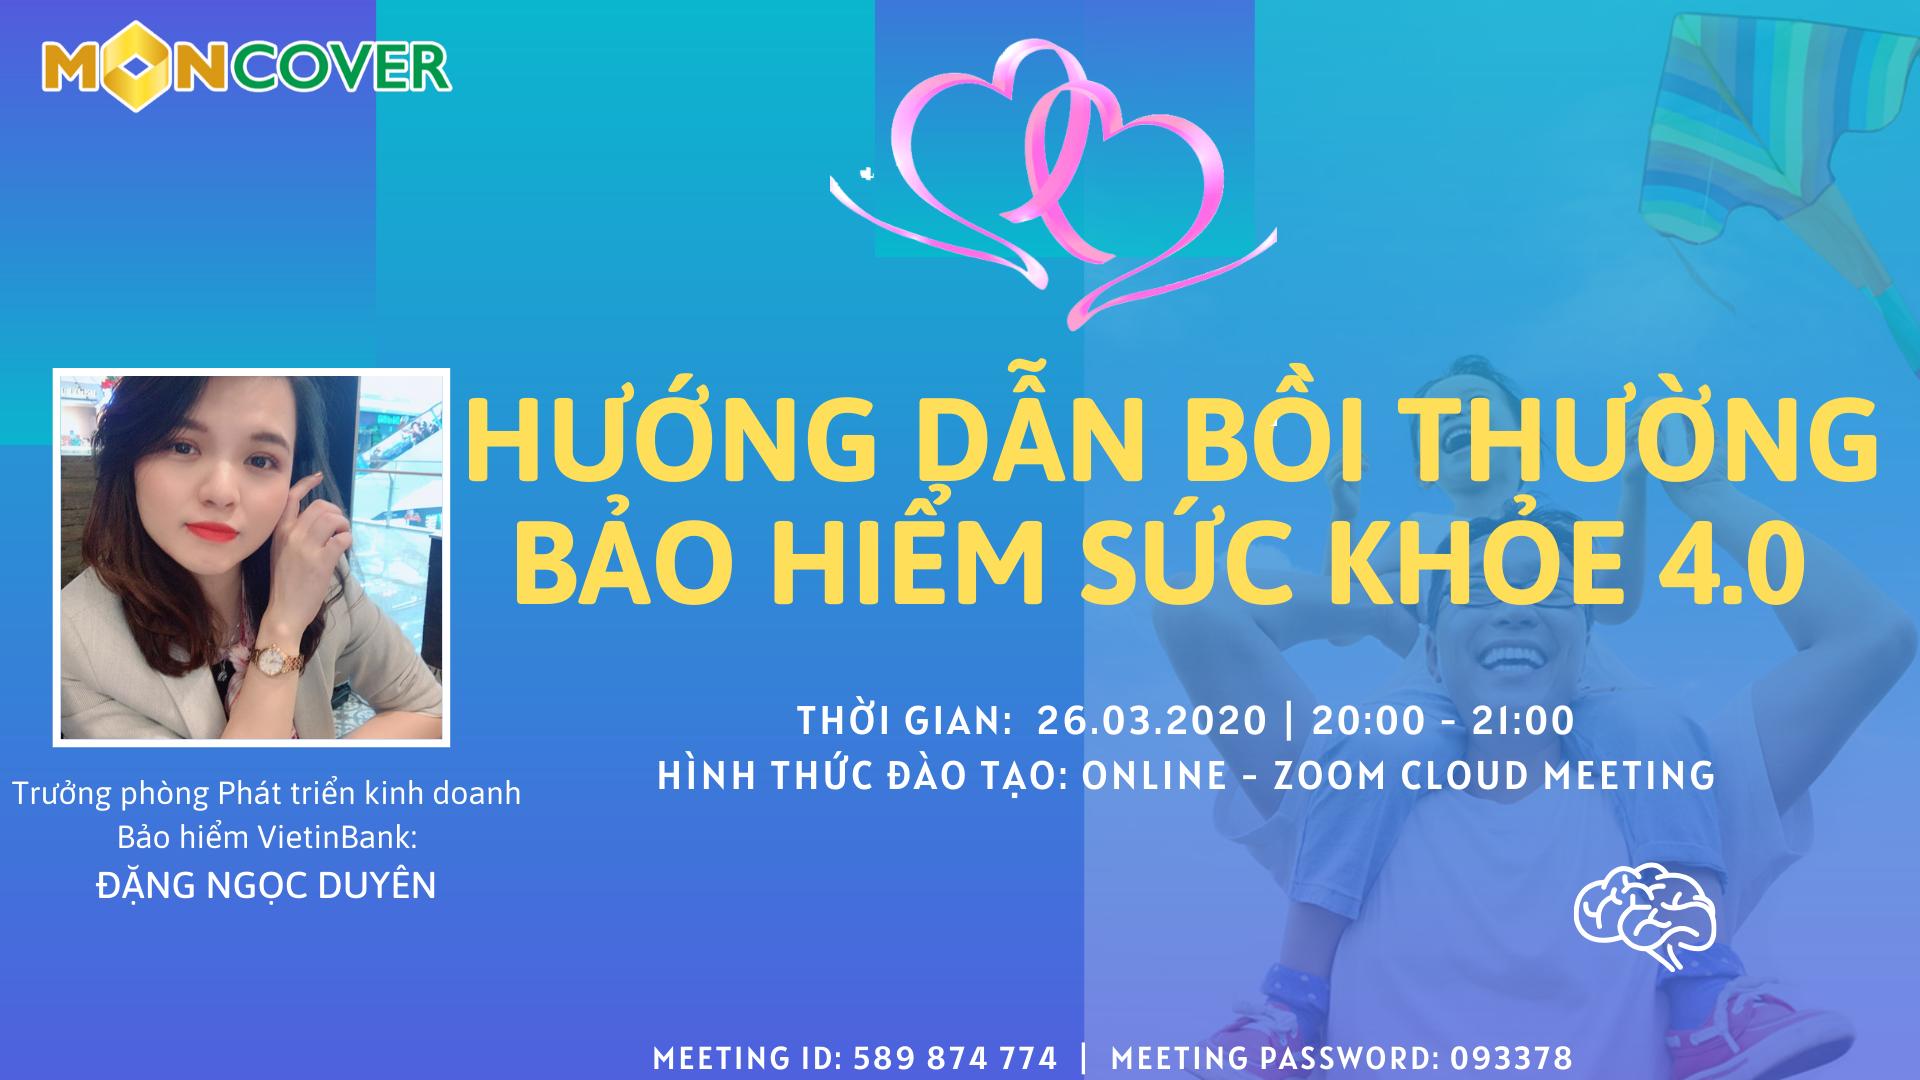 LỊCH ĐÀO TẠO TRÊN ZOOM CLOUD MEETING NGÀY 26.03.2020